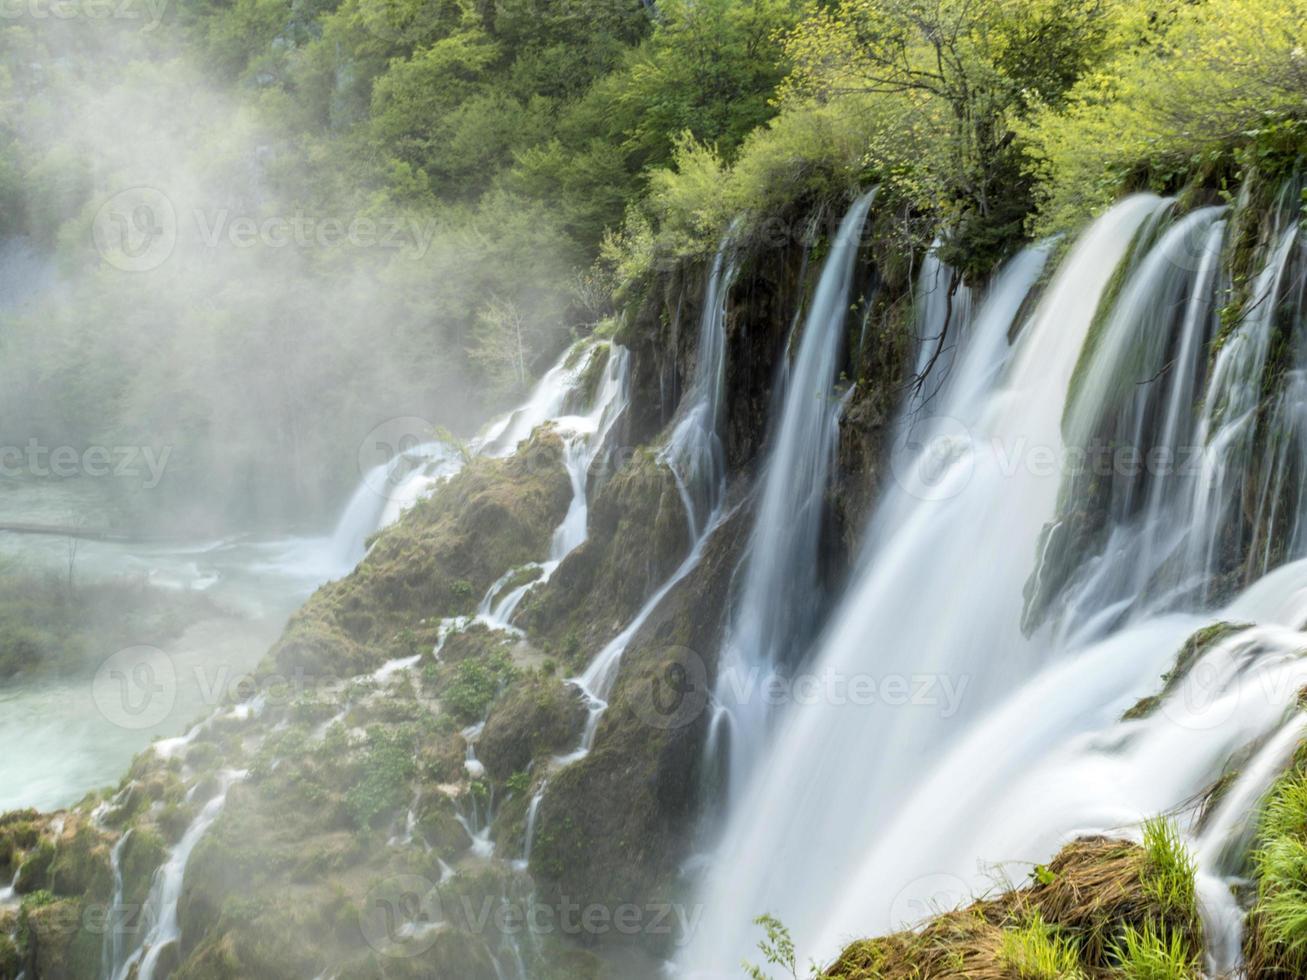 la bellezza dei boschi, dei laghi e delle cascate di Plitvice. foto